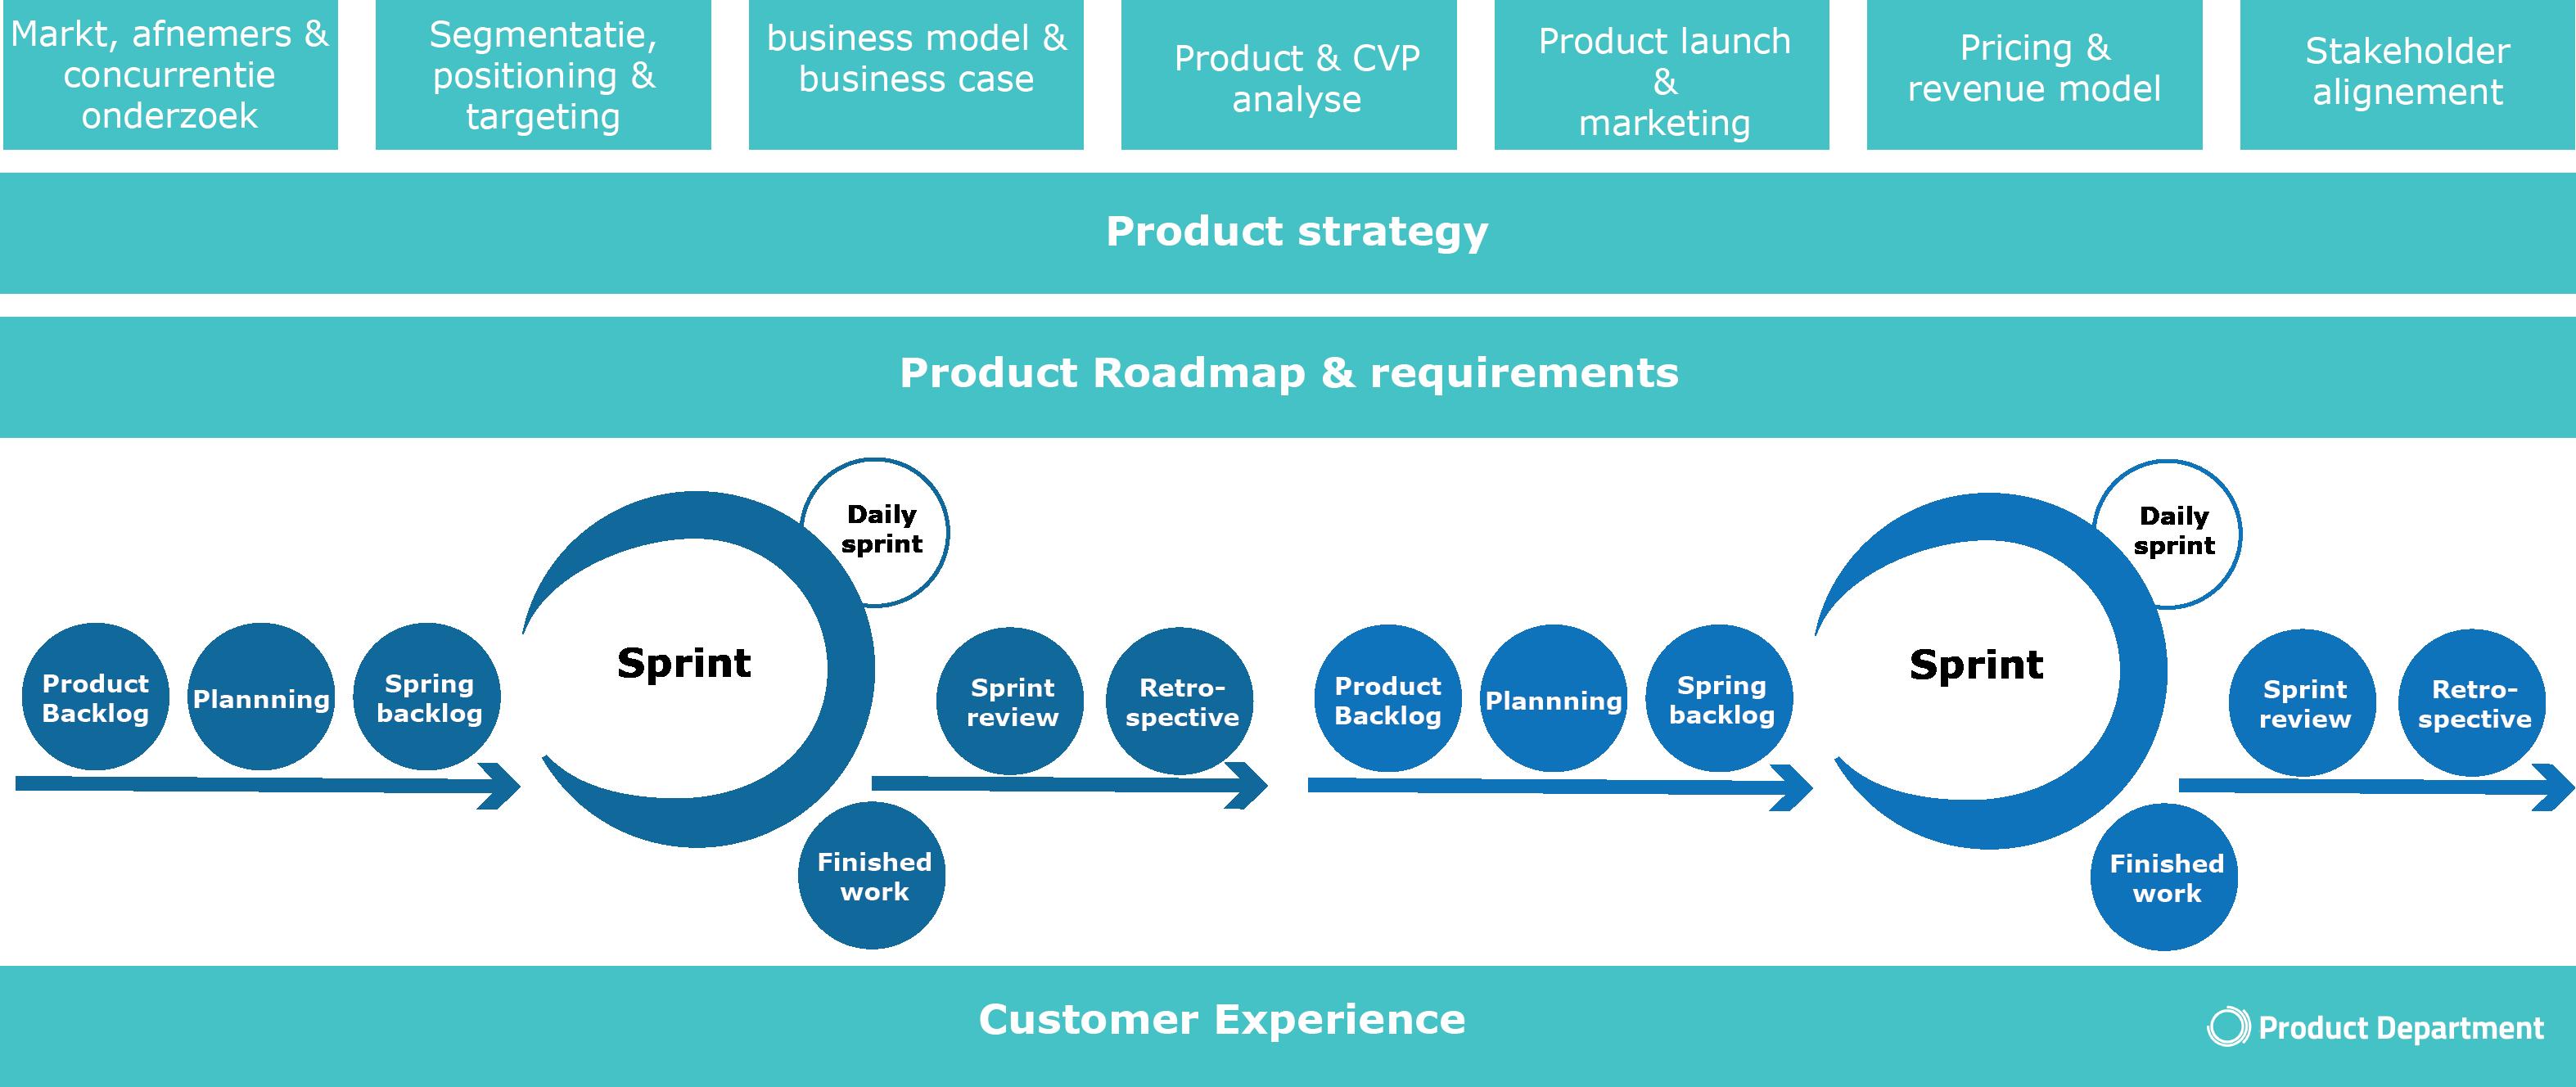 Afbeelding van Digitital Product Management met positie van agile en scrum sprints